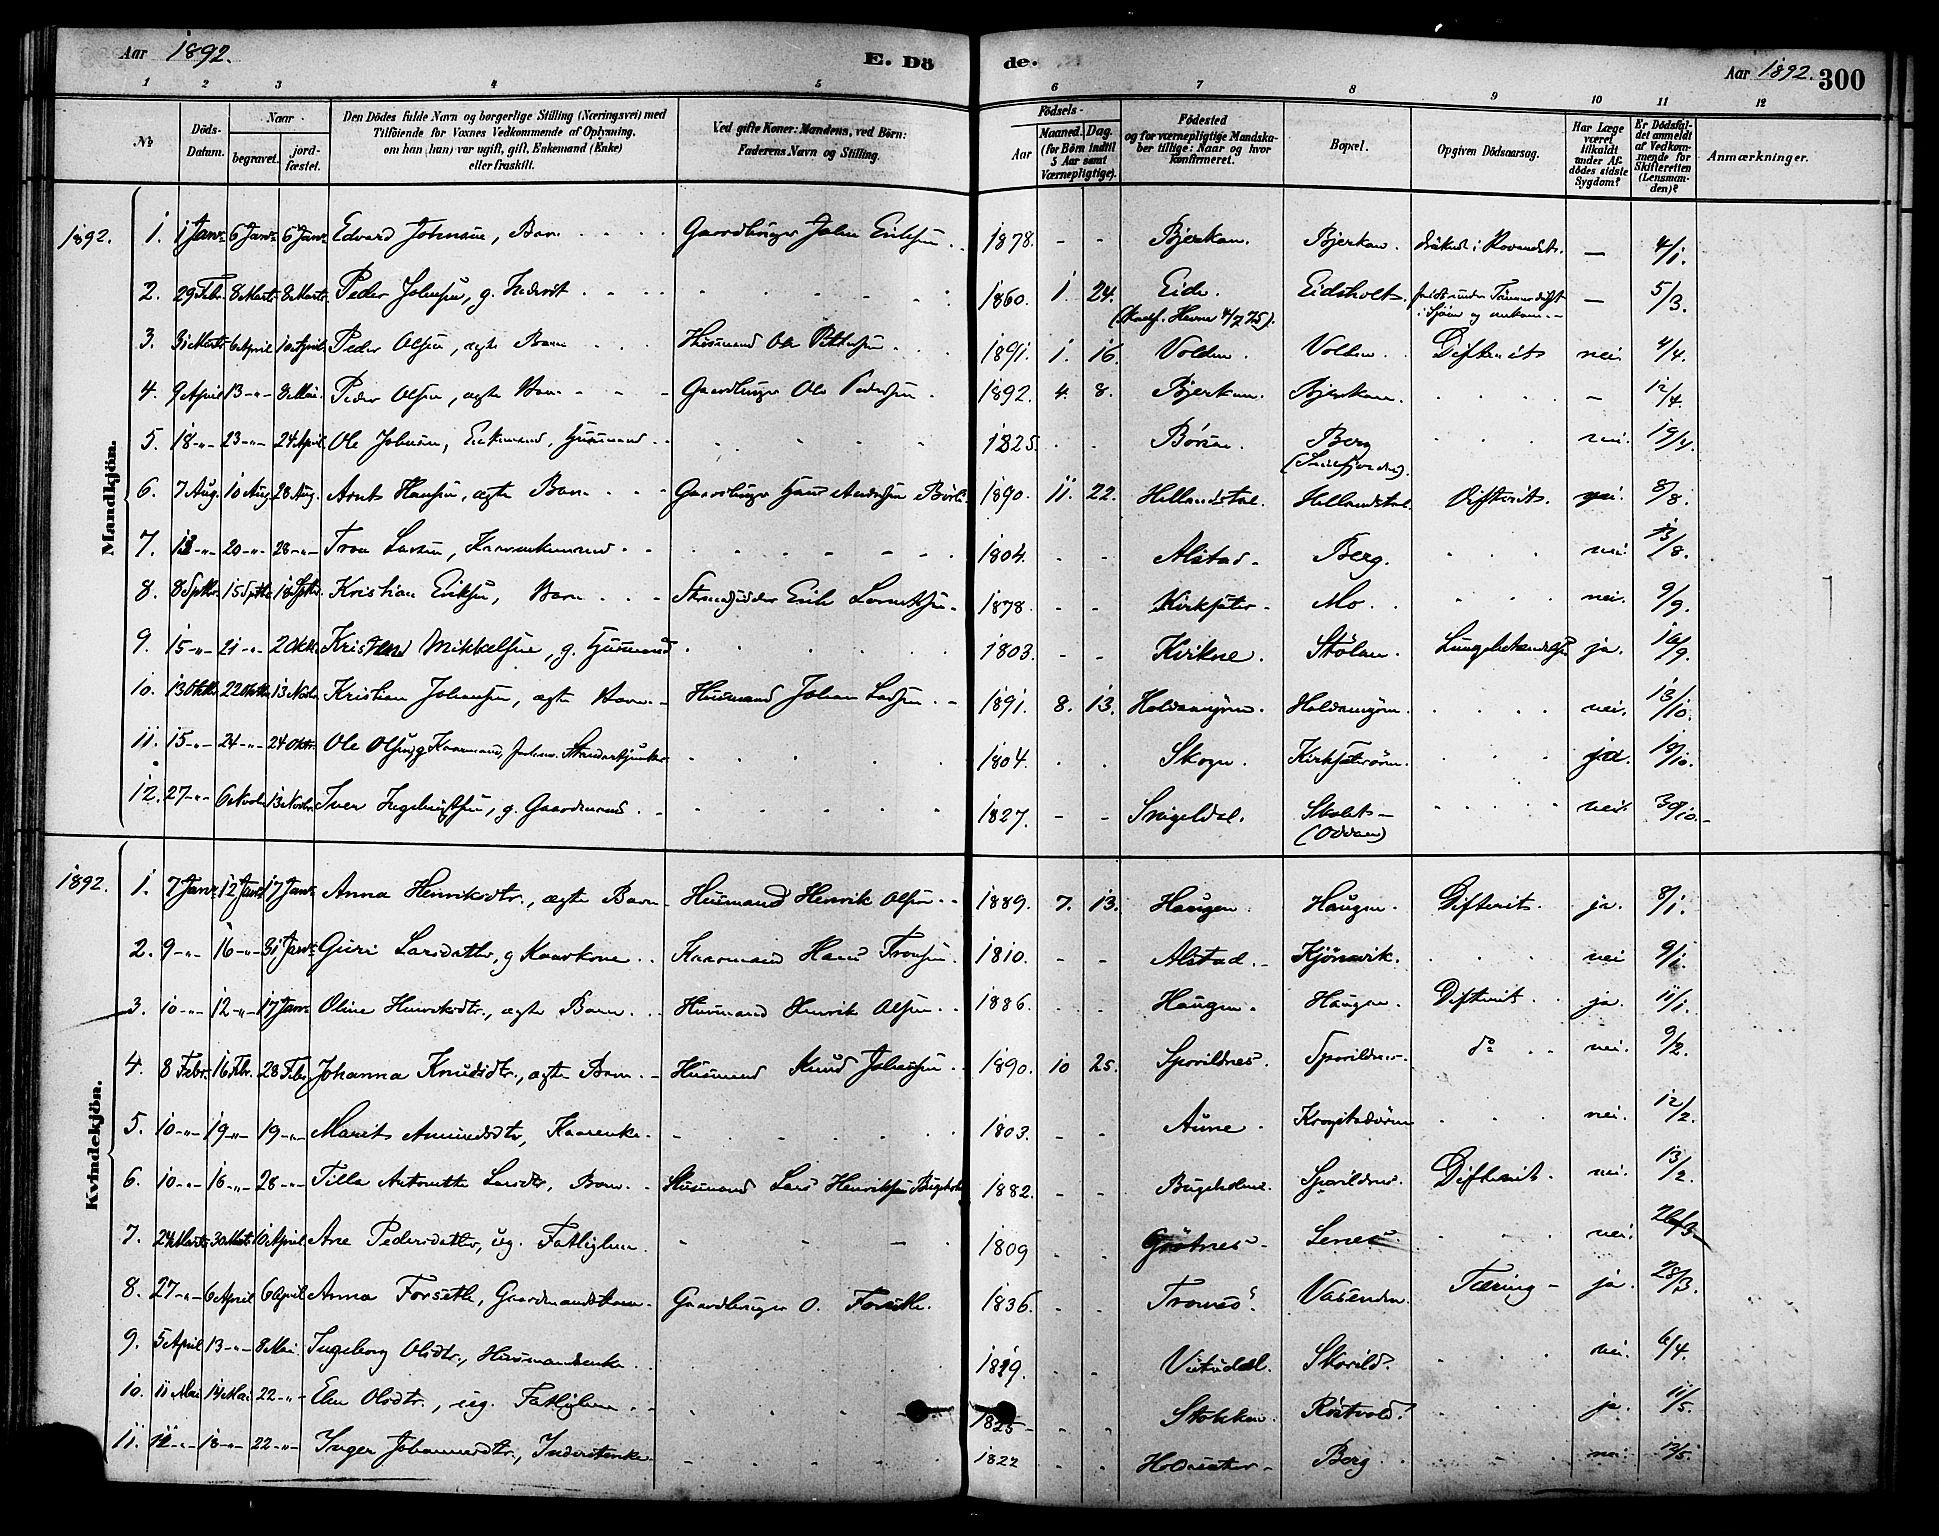 SAT, Ministerialprotokoller, klokkerbøker og fødselsregistre - Sør-Trøndelag, 630/L0496: Ministerialbok nr. 630A09, 1879-1895, s. 300